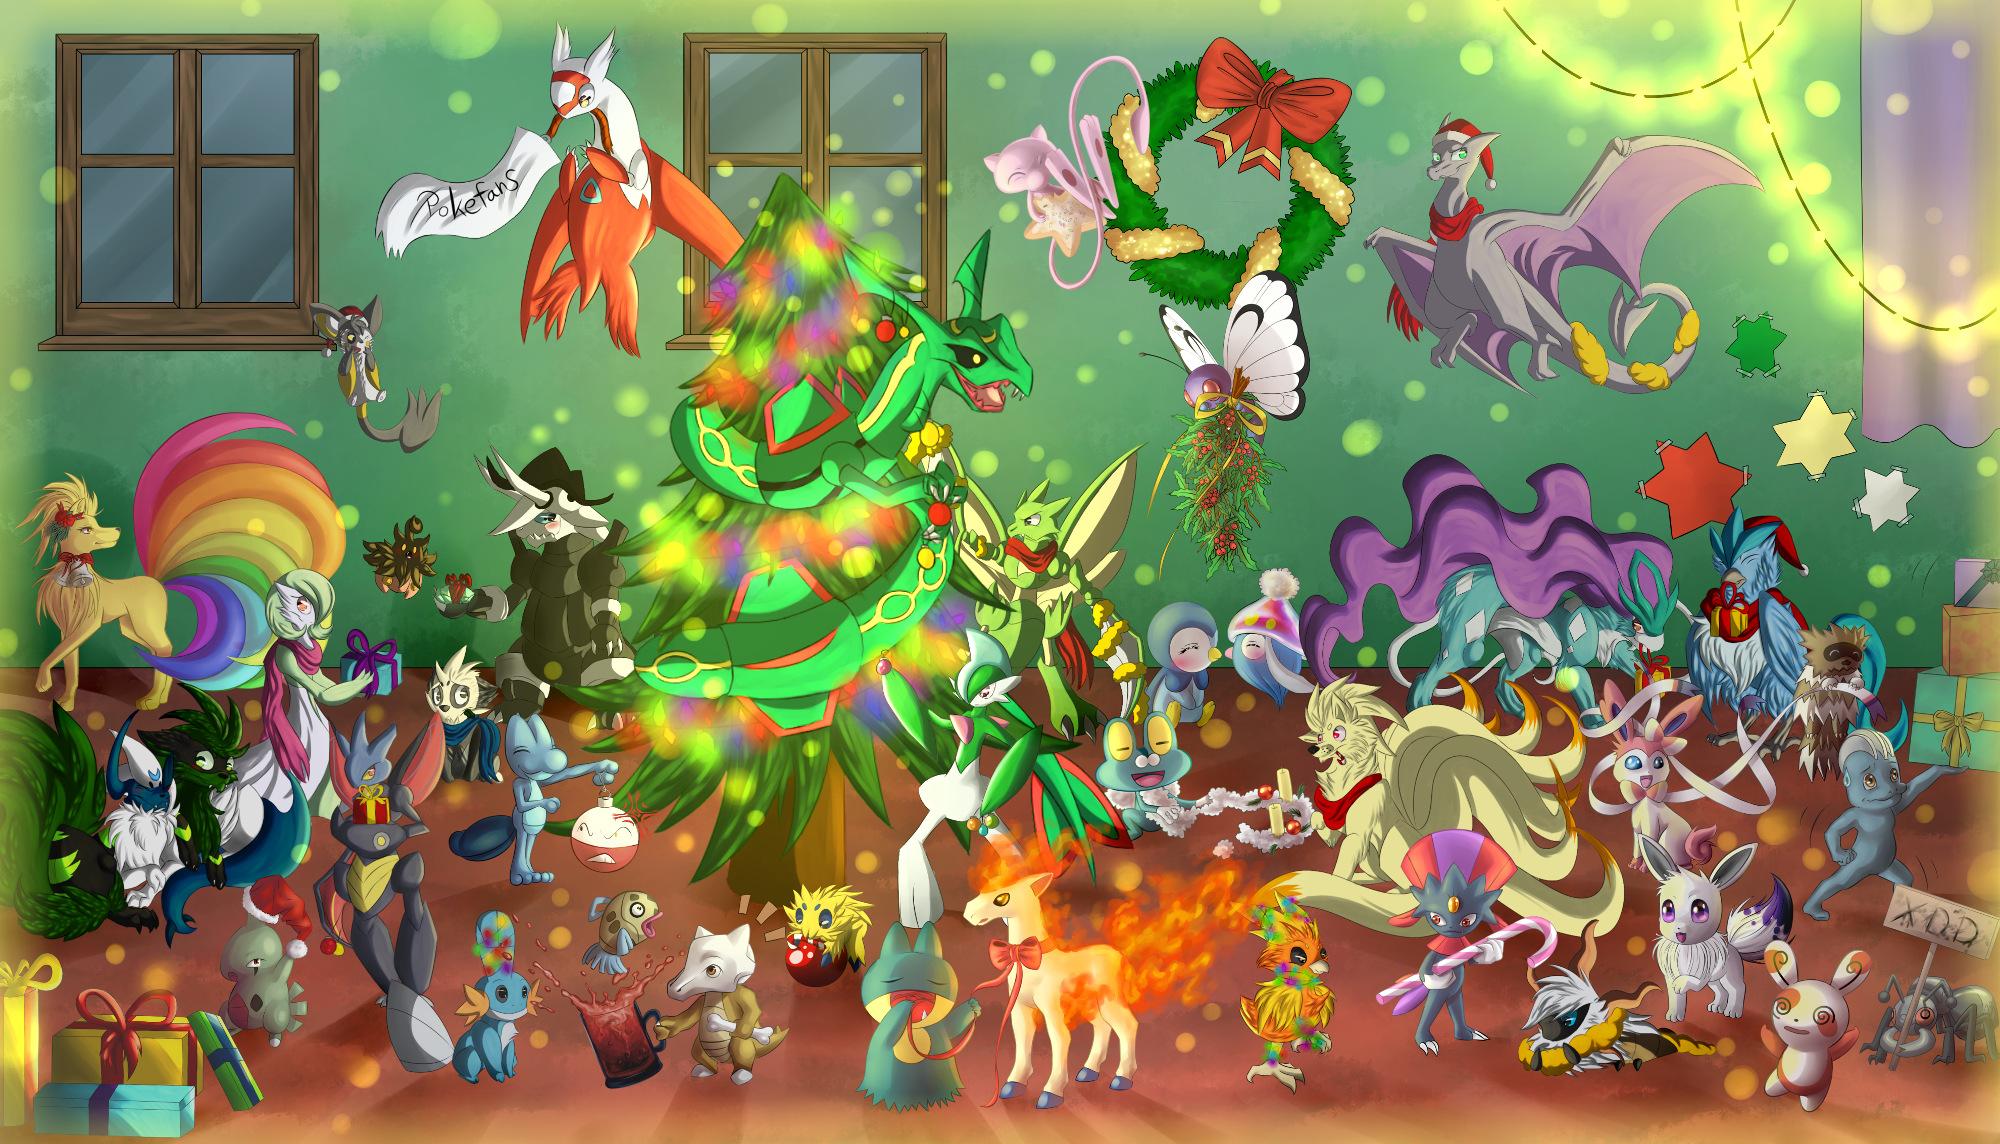 Zeichnung: Frohe Weihnachten, Pokefans! (Pokémon-Fanart)